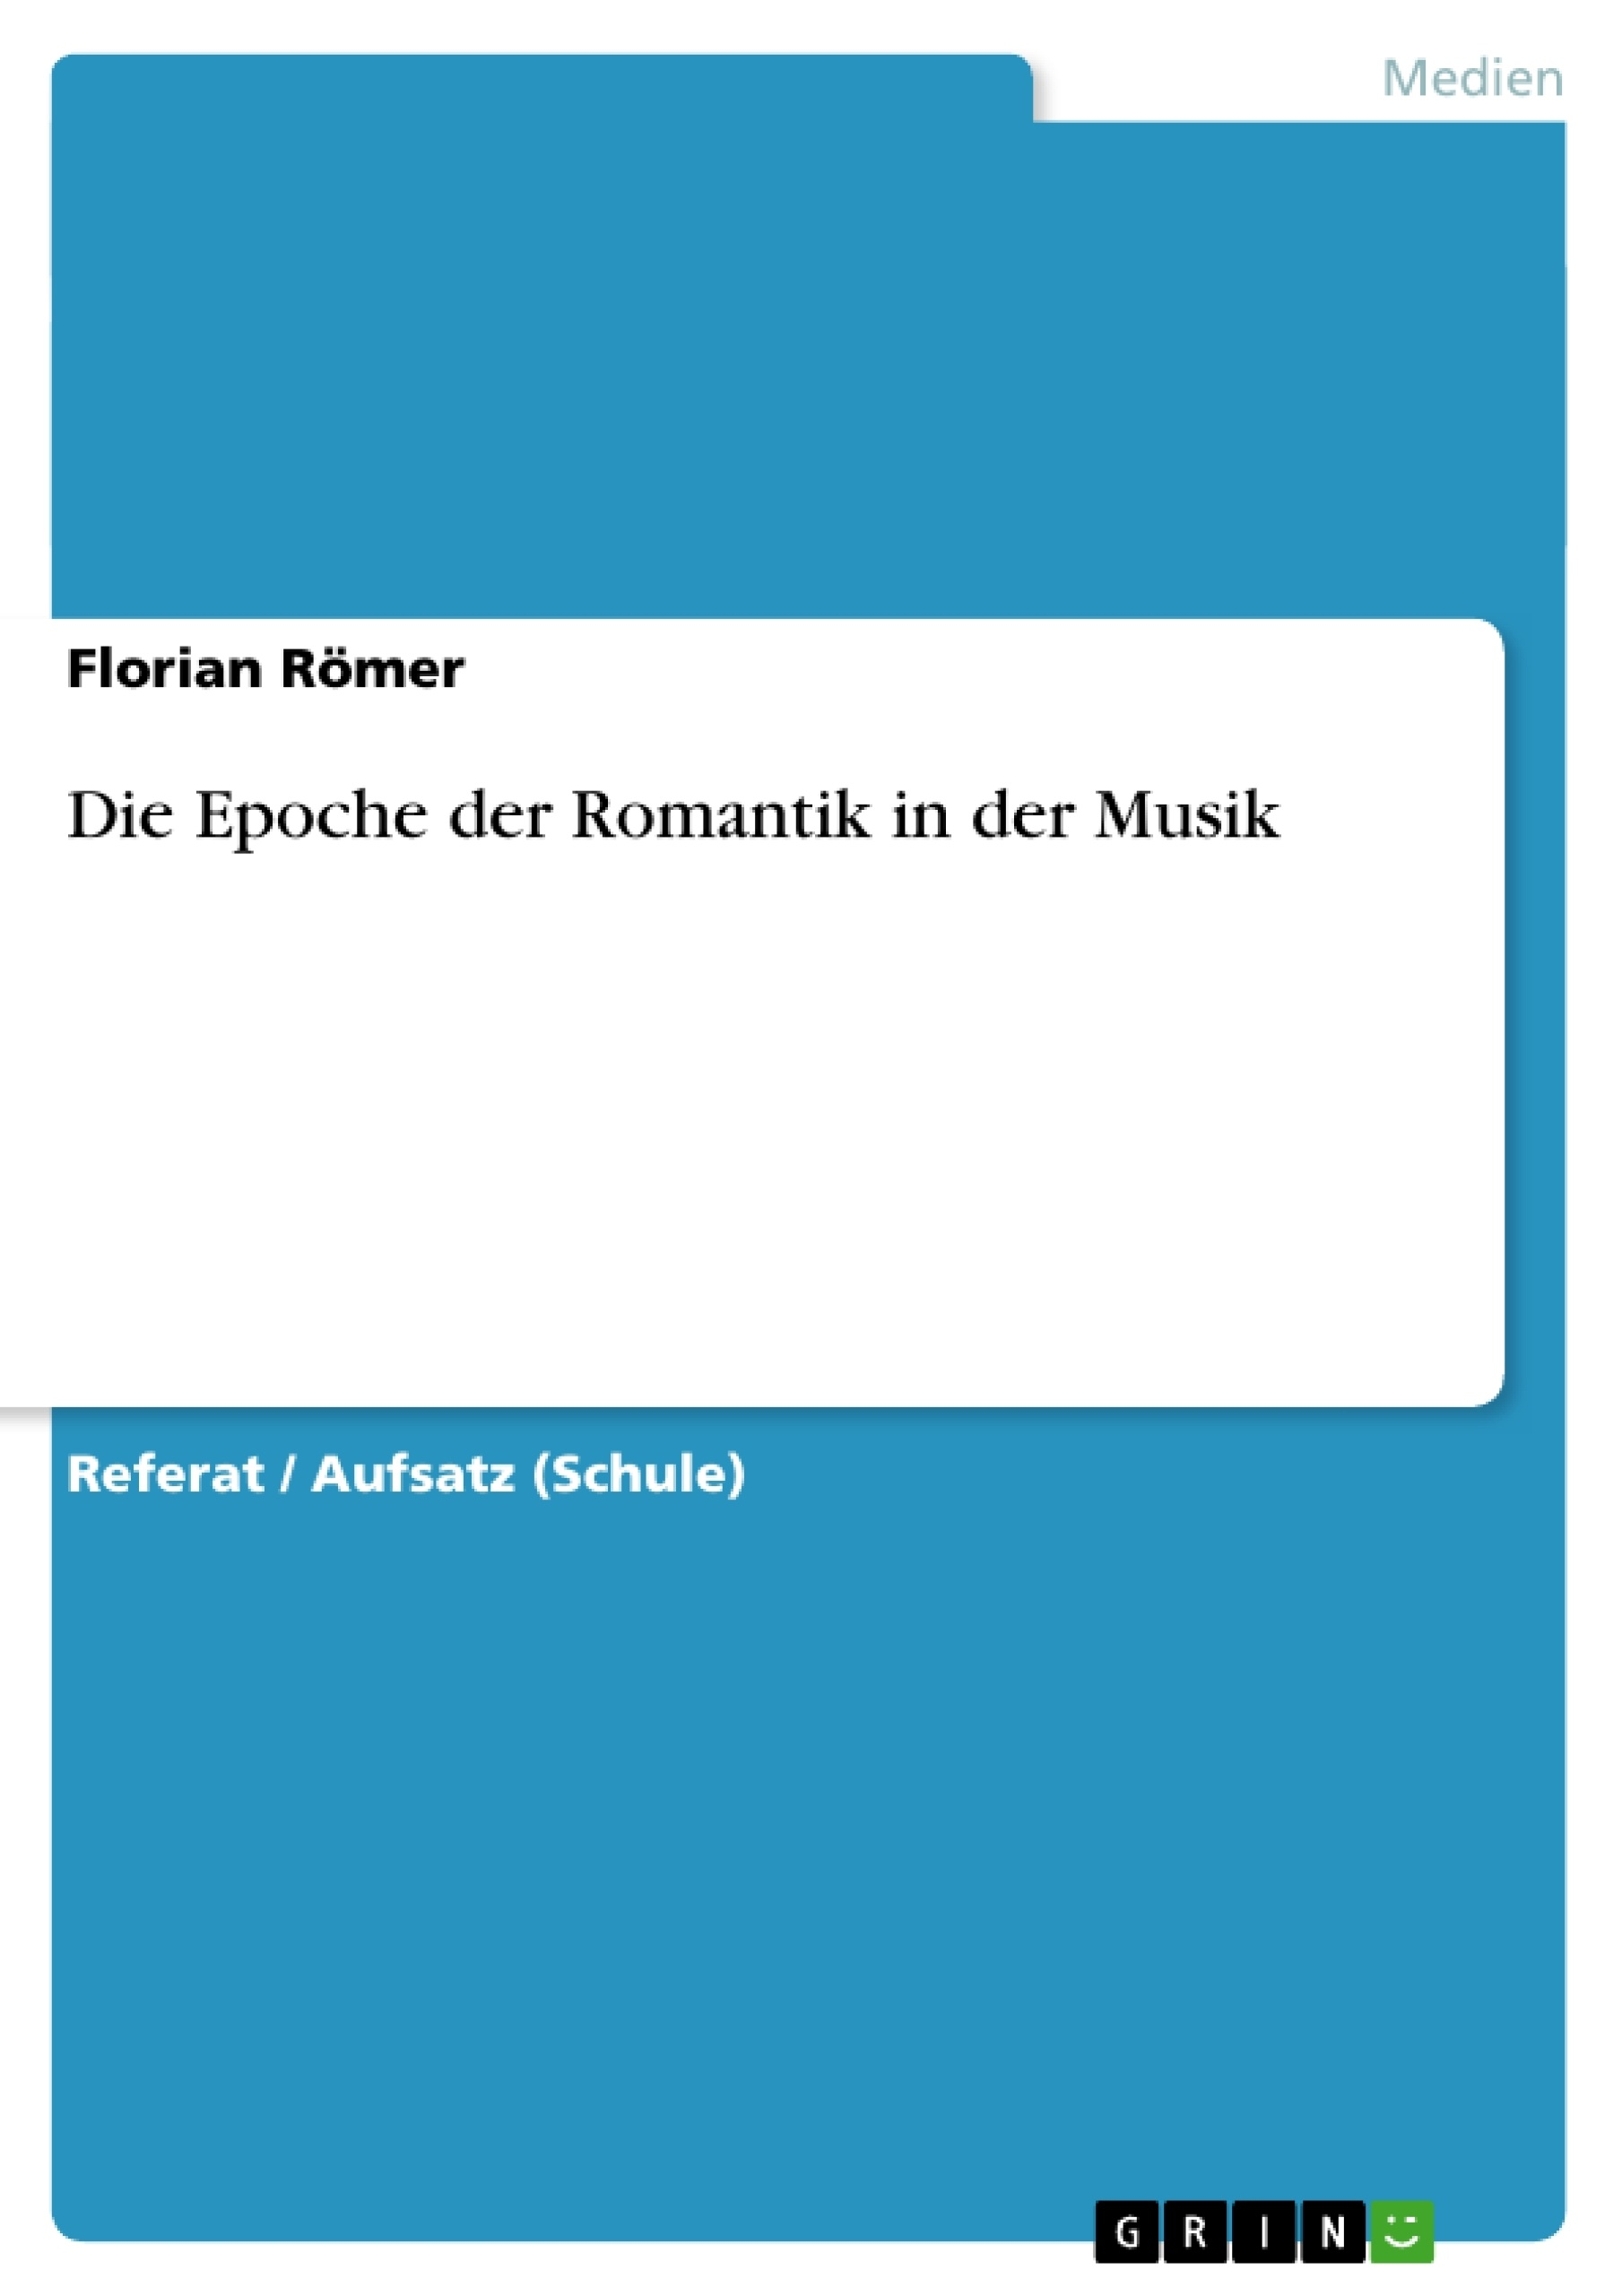 Titre: Die Epoche der Romantik in der Musik